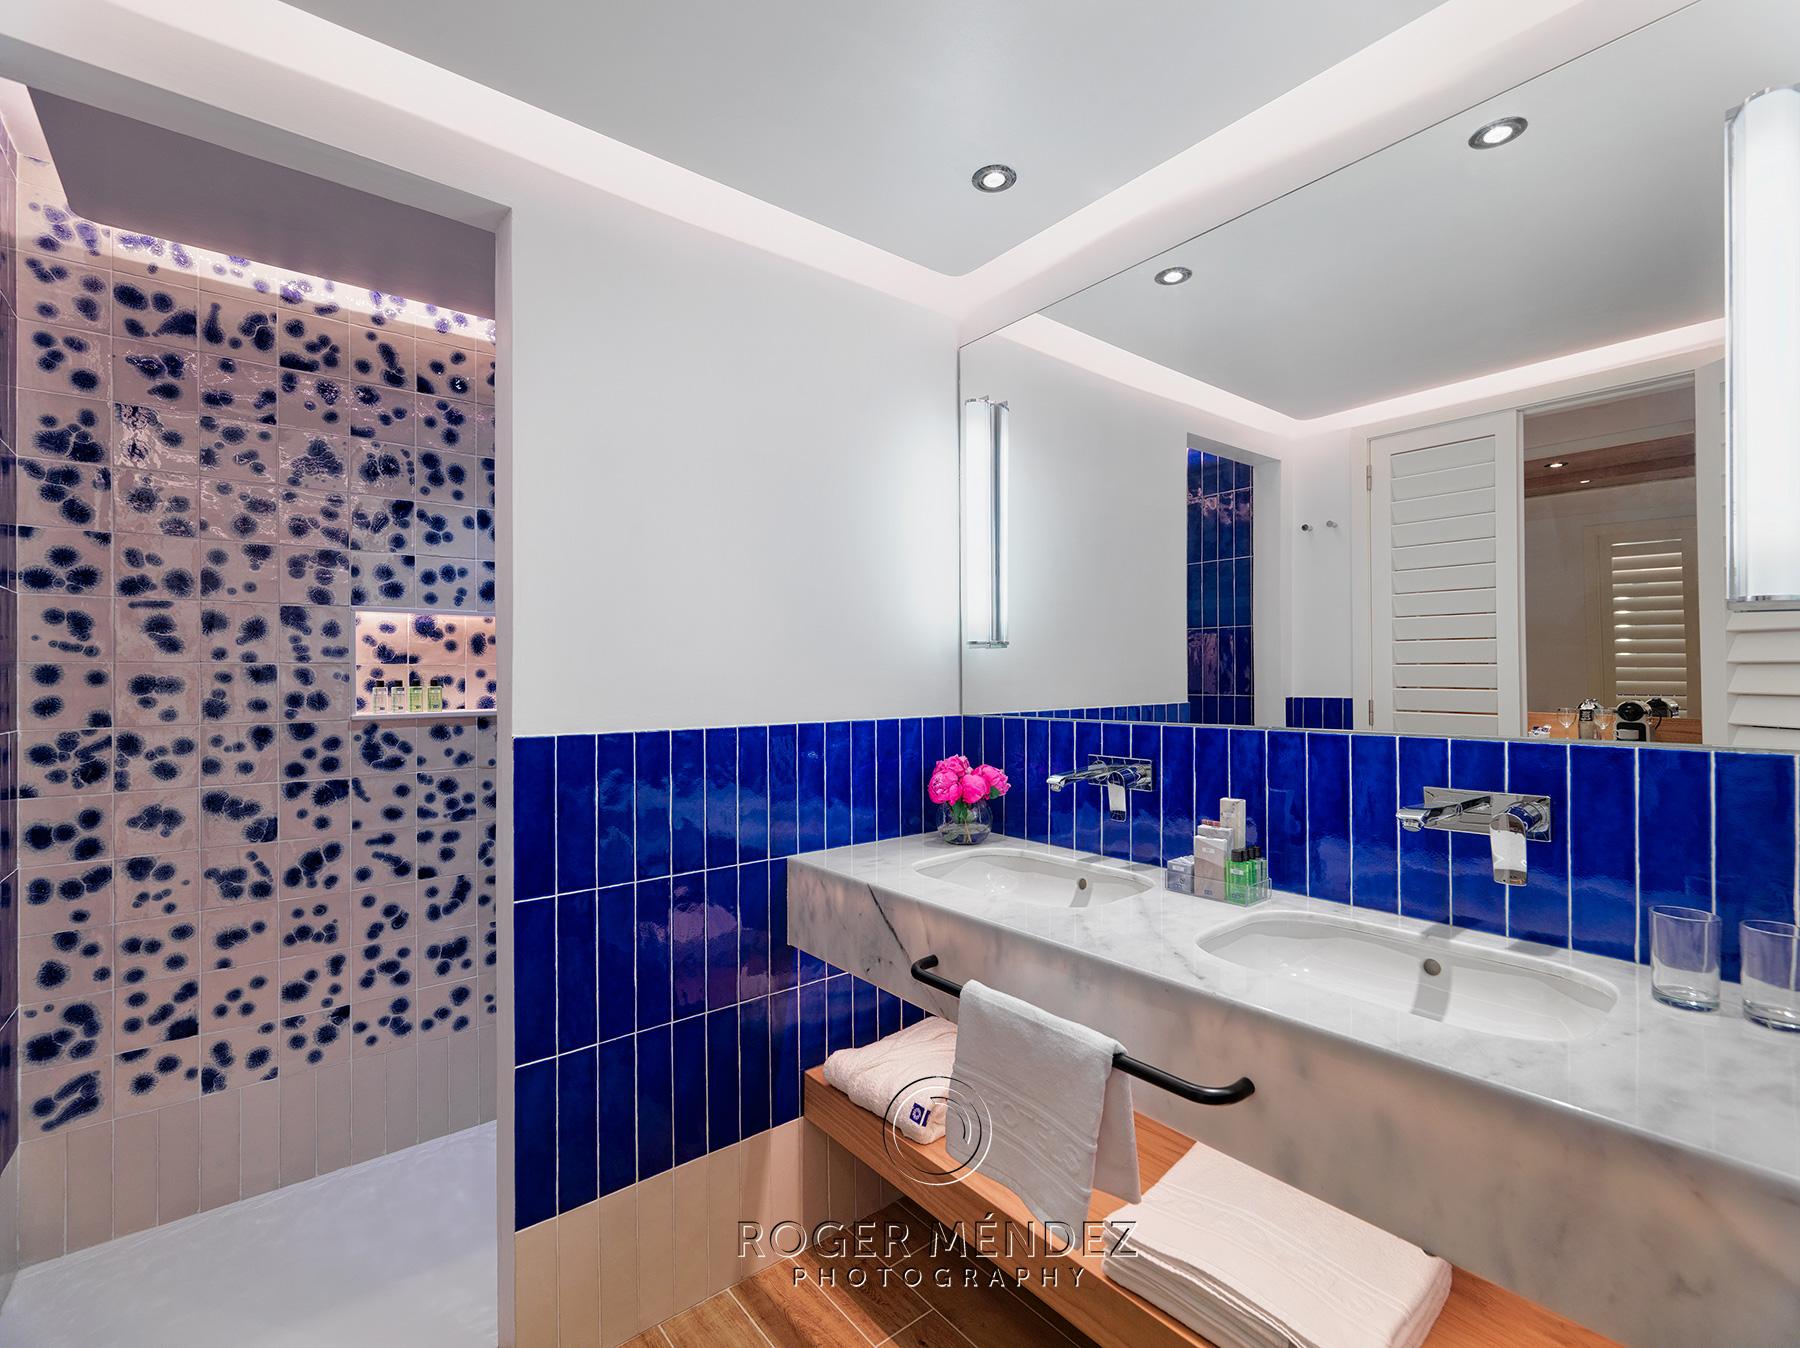 fotografía del baño de la habitación piloto del resort 5 estrellas H10 Atlantic Sunset